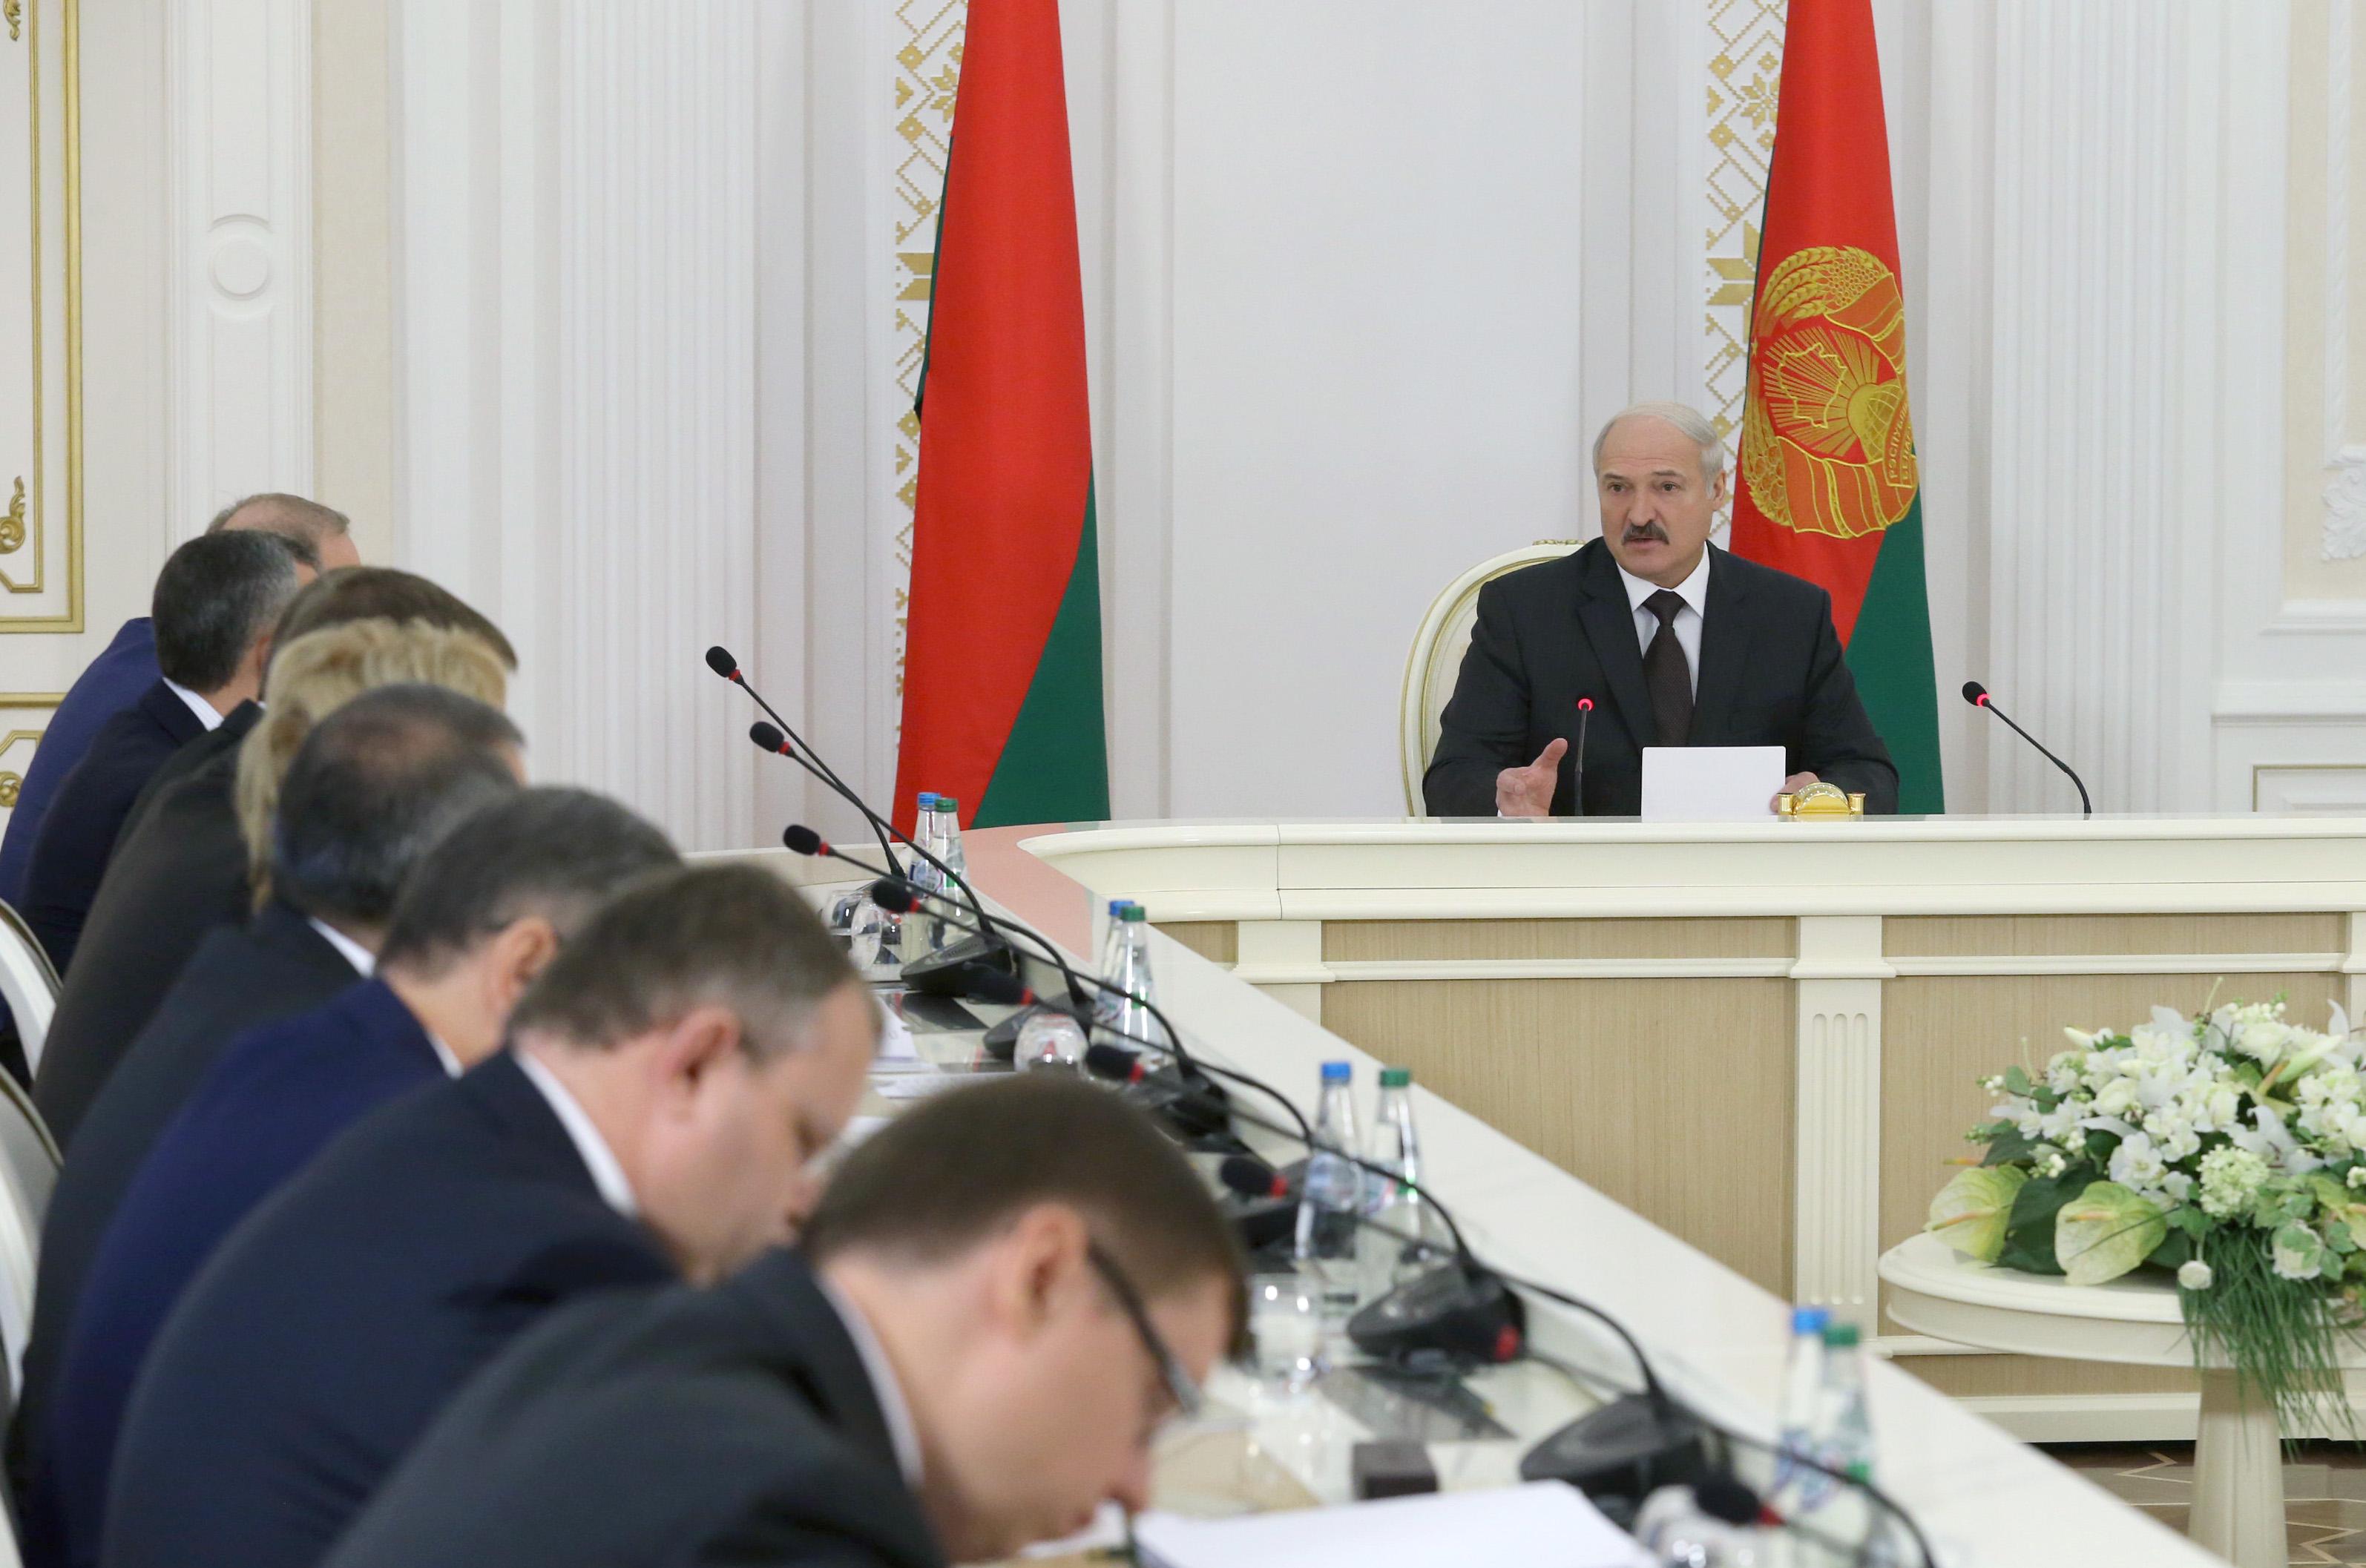 Лукашенко назвал требования МВФ неподъёмными для народа республики Белоруссии